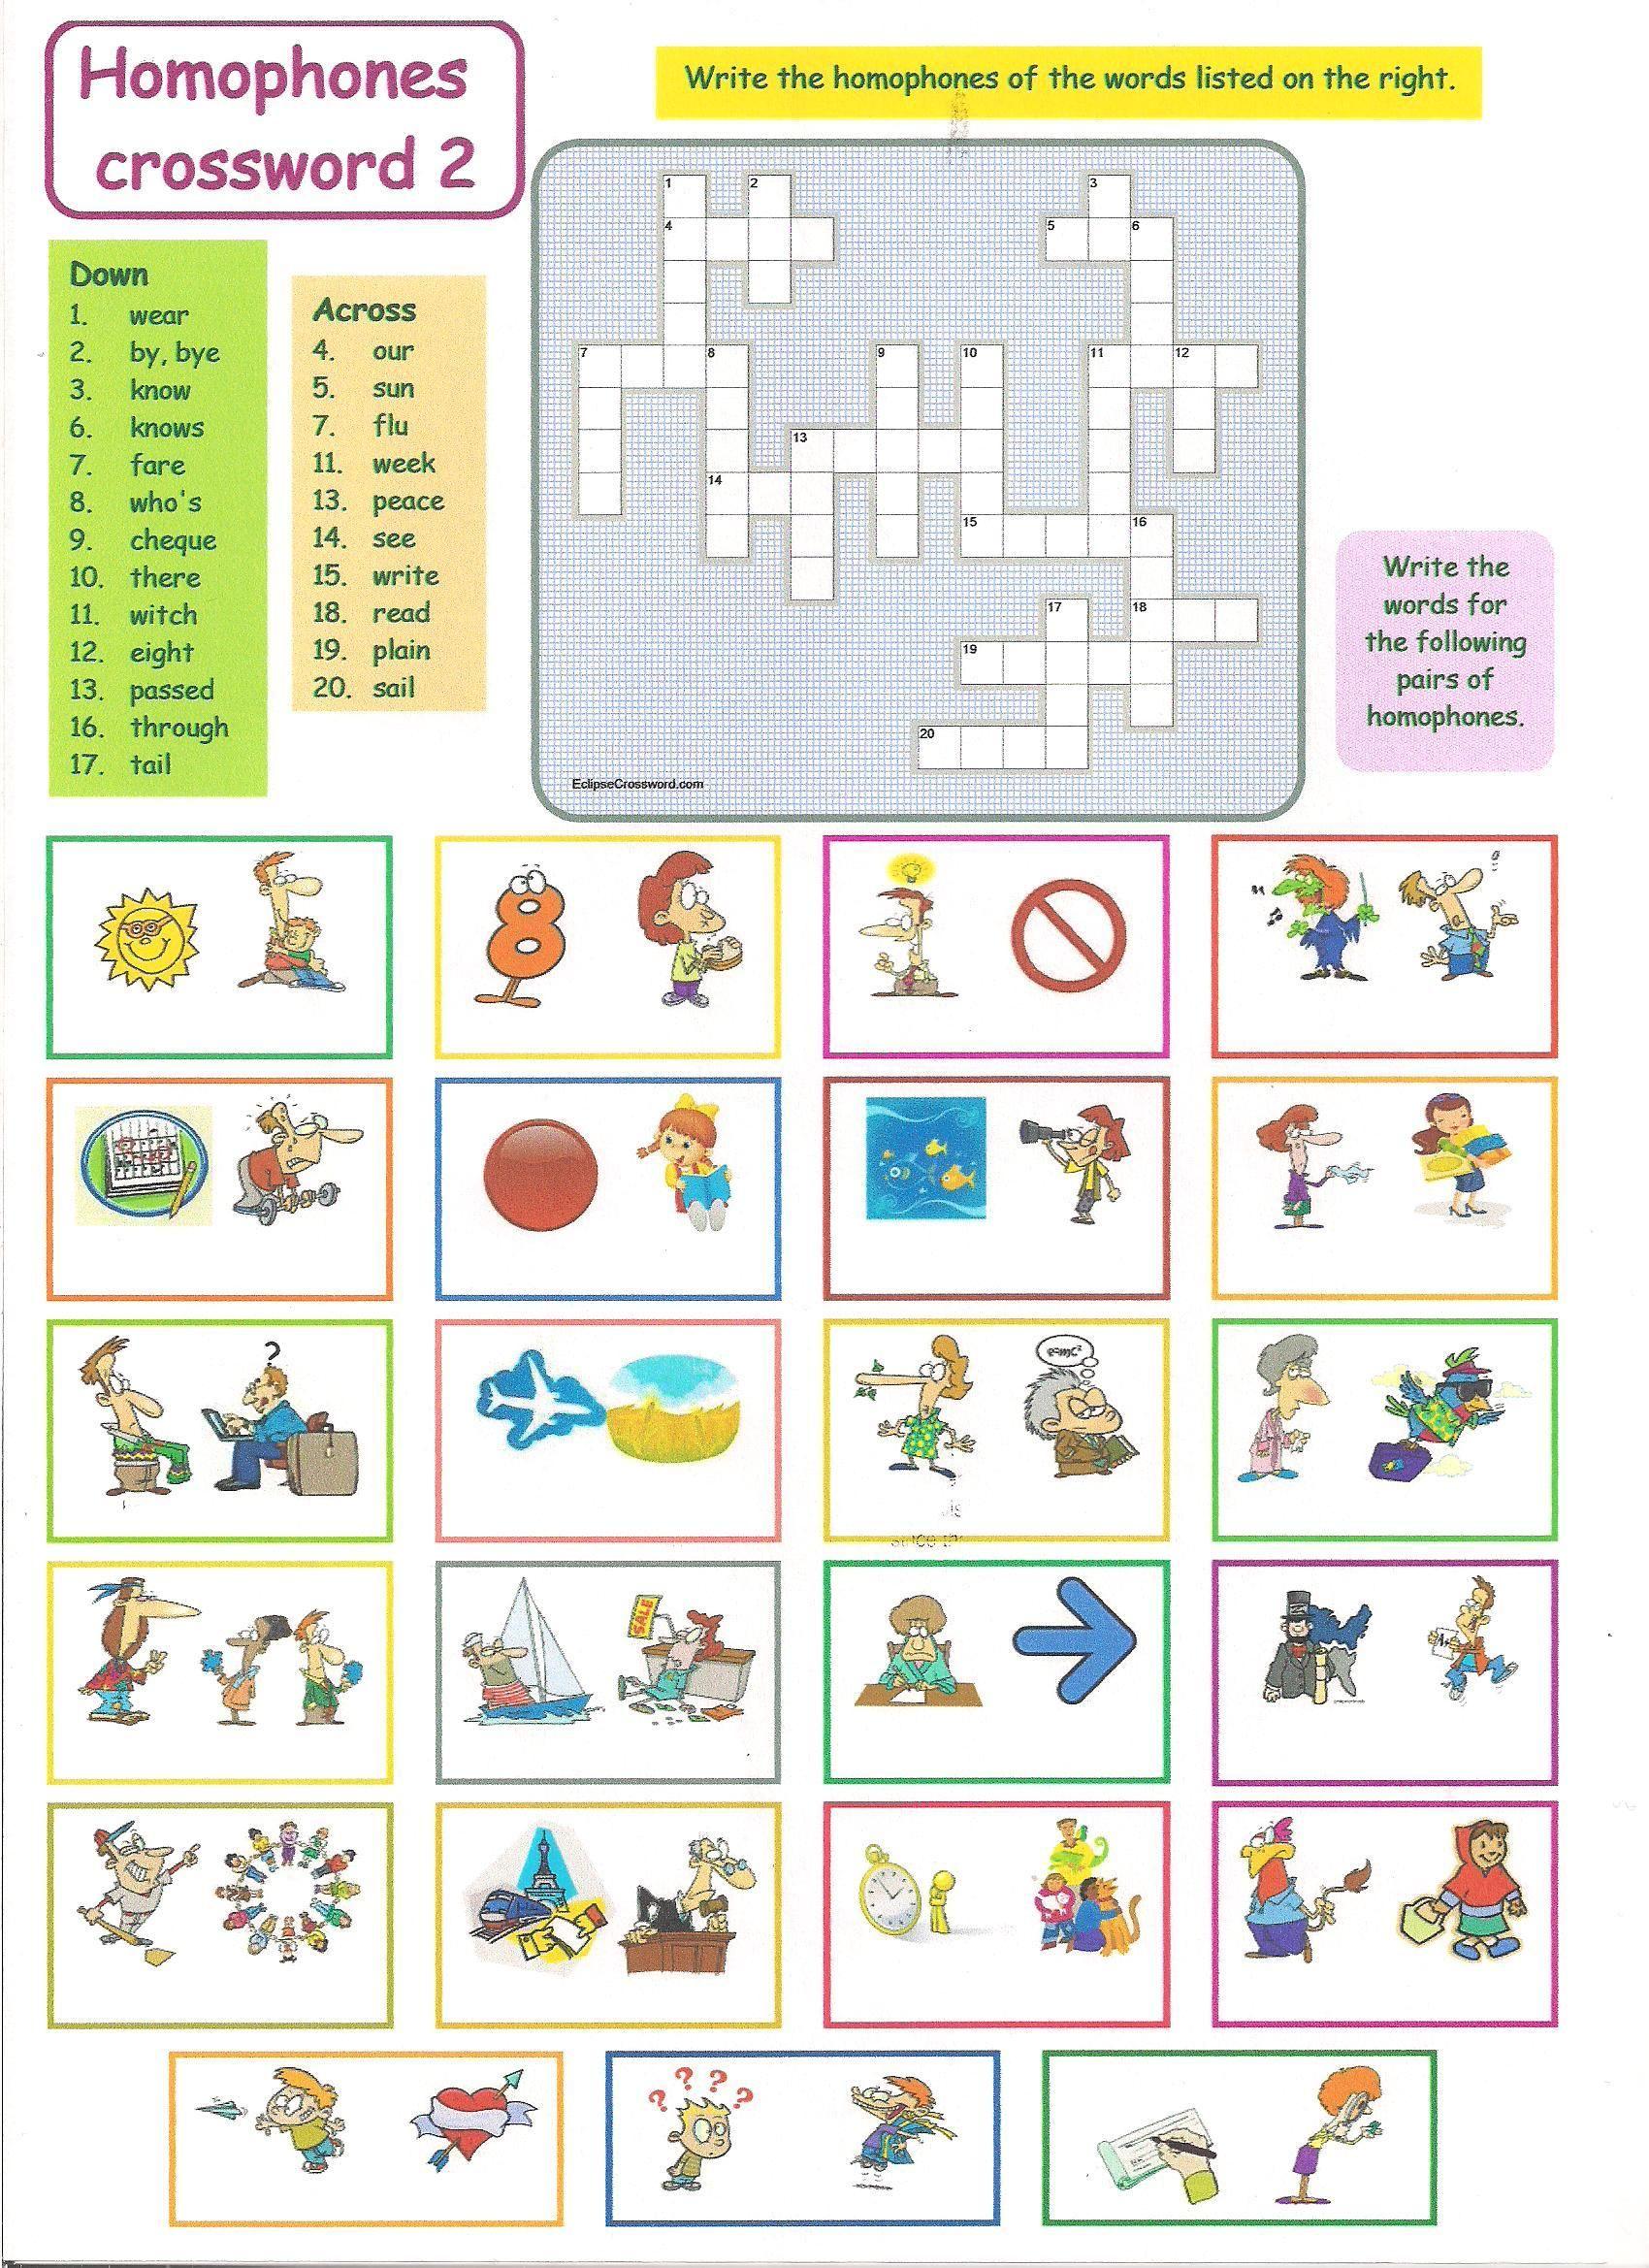 Homophones Crossword